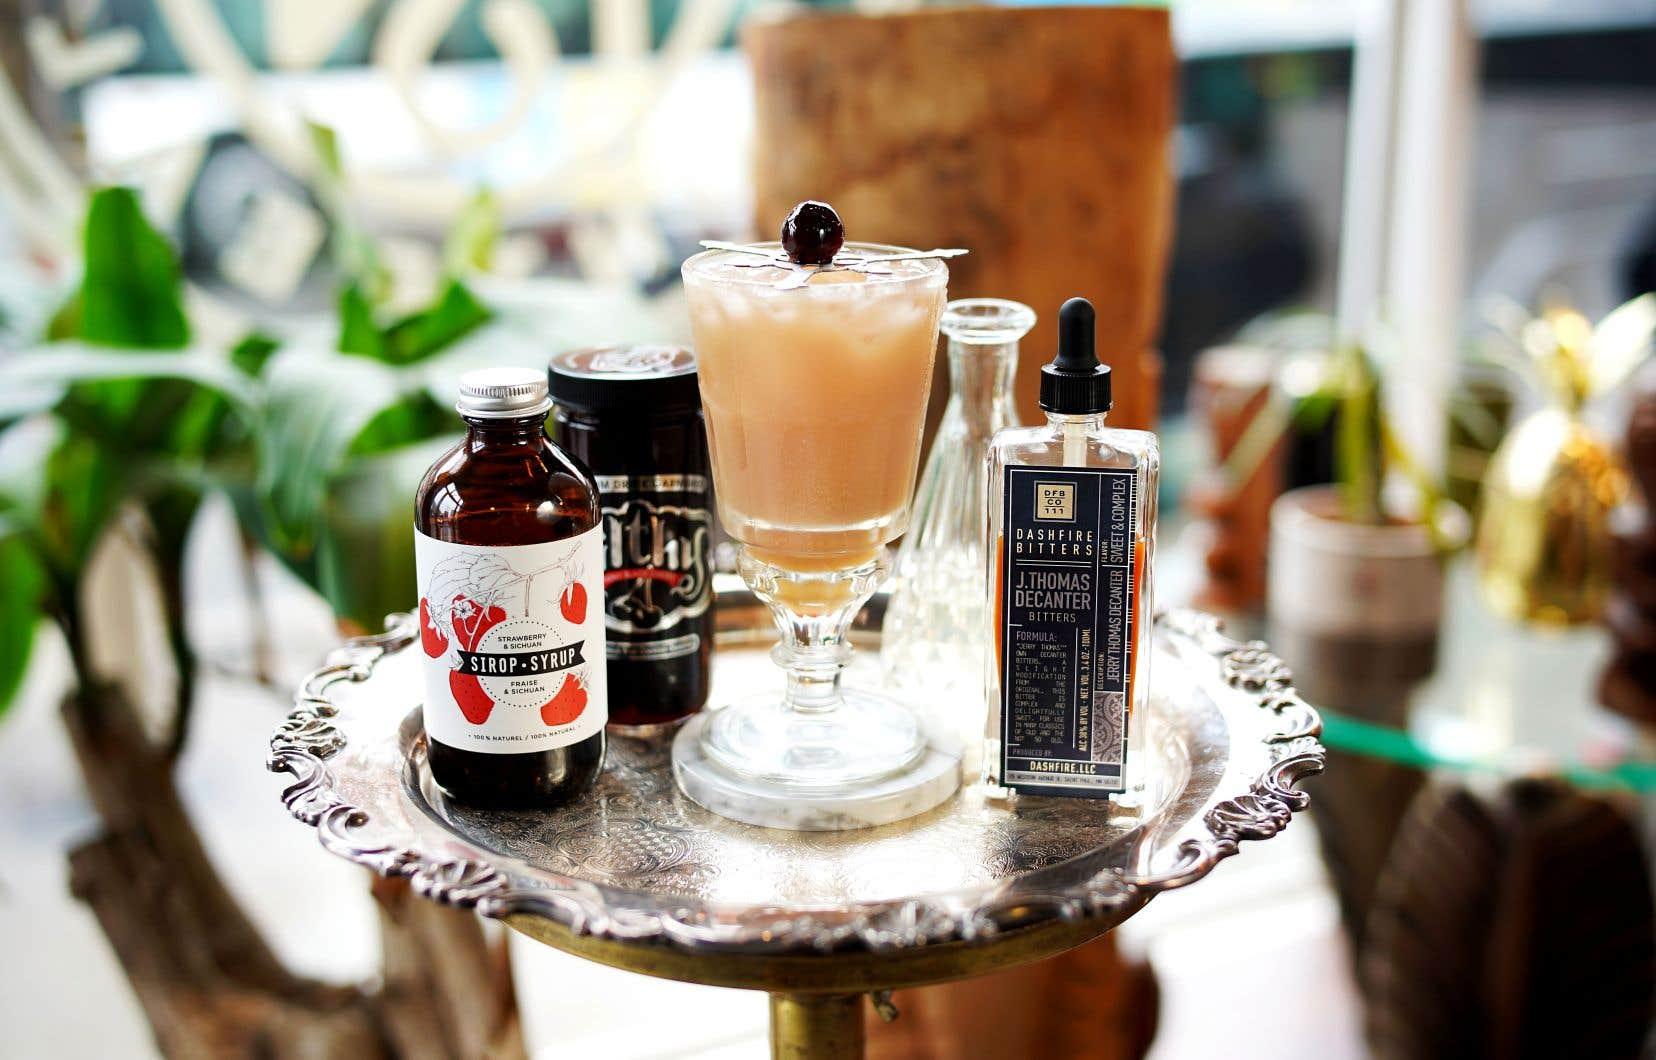 Verser tout le contenu du shaker dans un grand verre rempli de glace concassée, puis garnir d'une cerise à cocktail italienne.